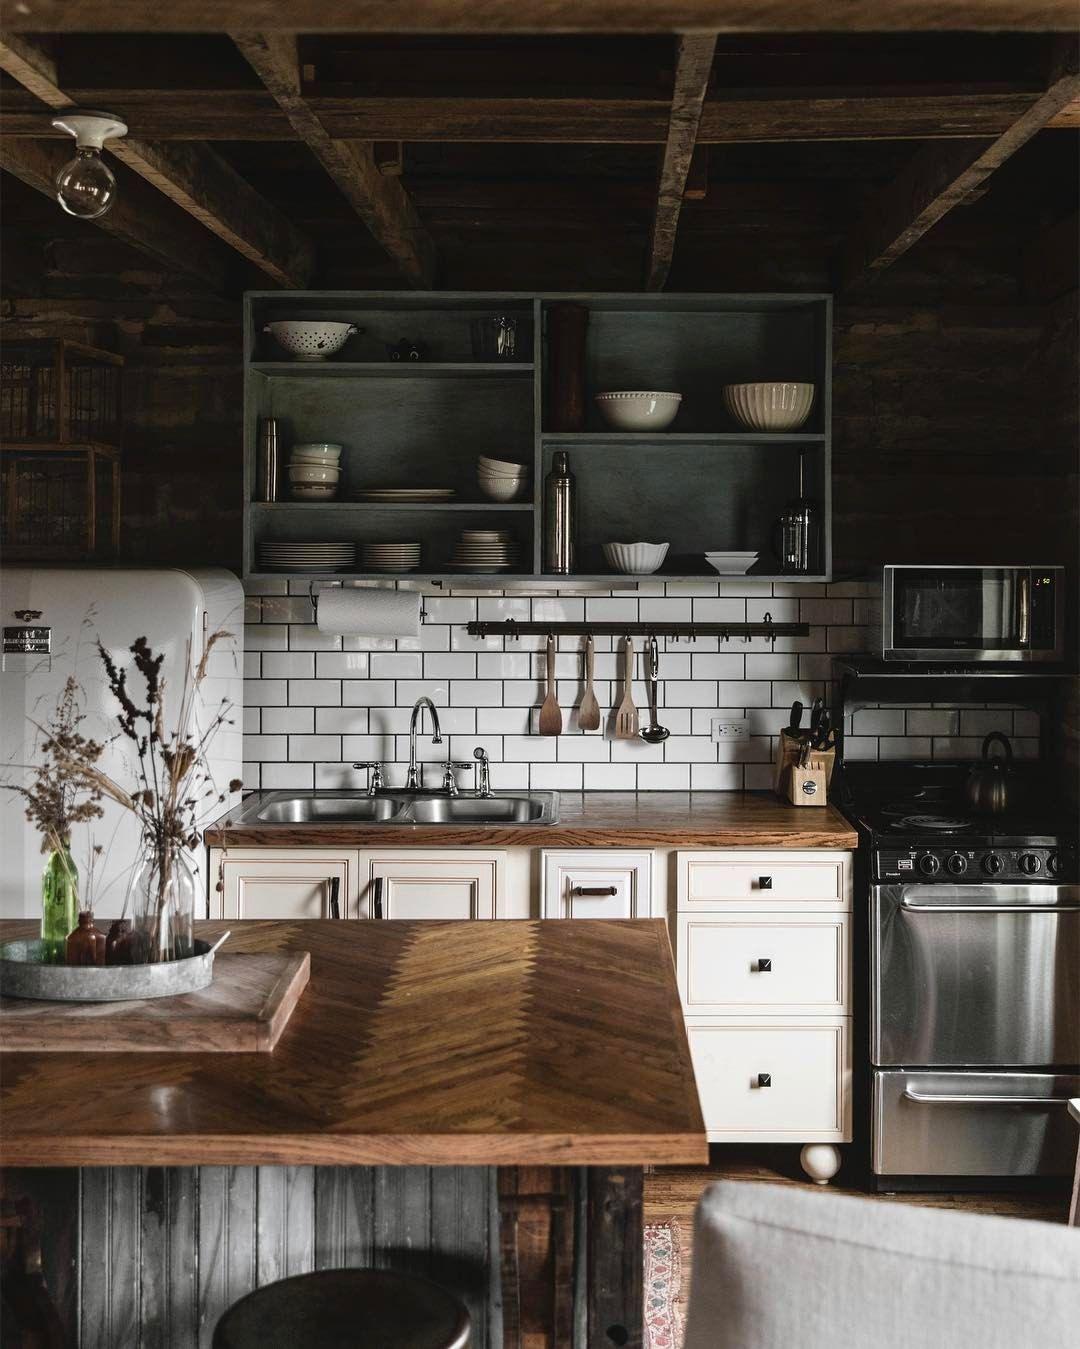 Pin de Jake Burgus en Home   Pinterest   Couture, Instagram y Cocinas